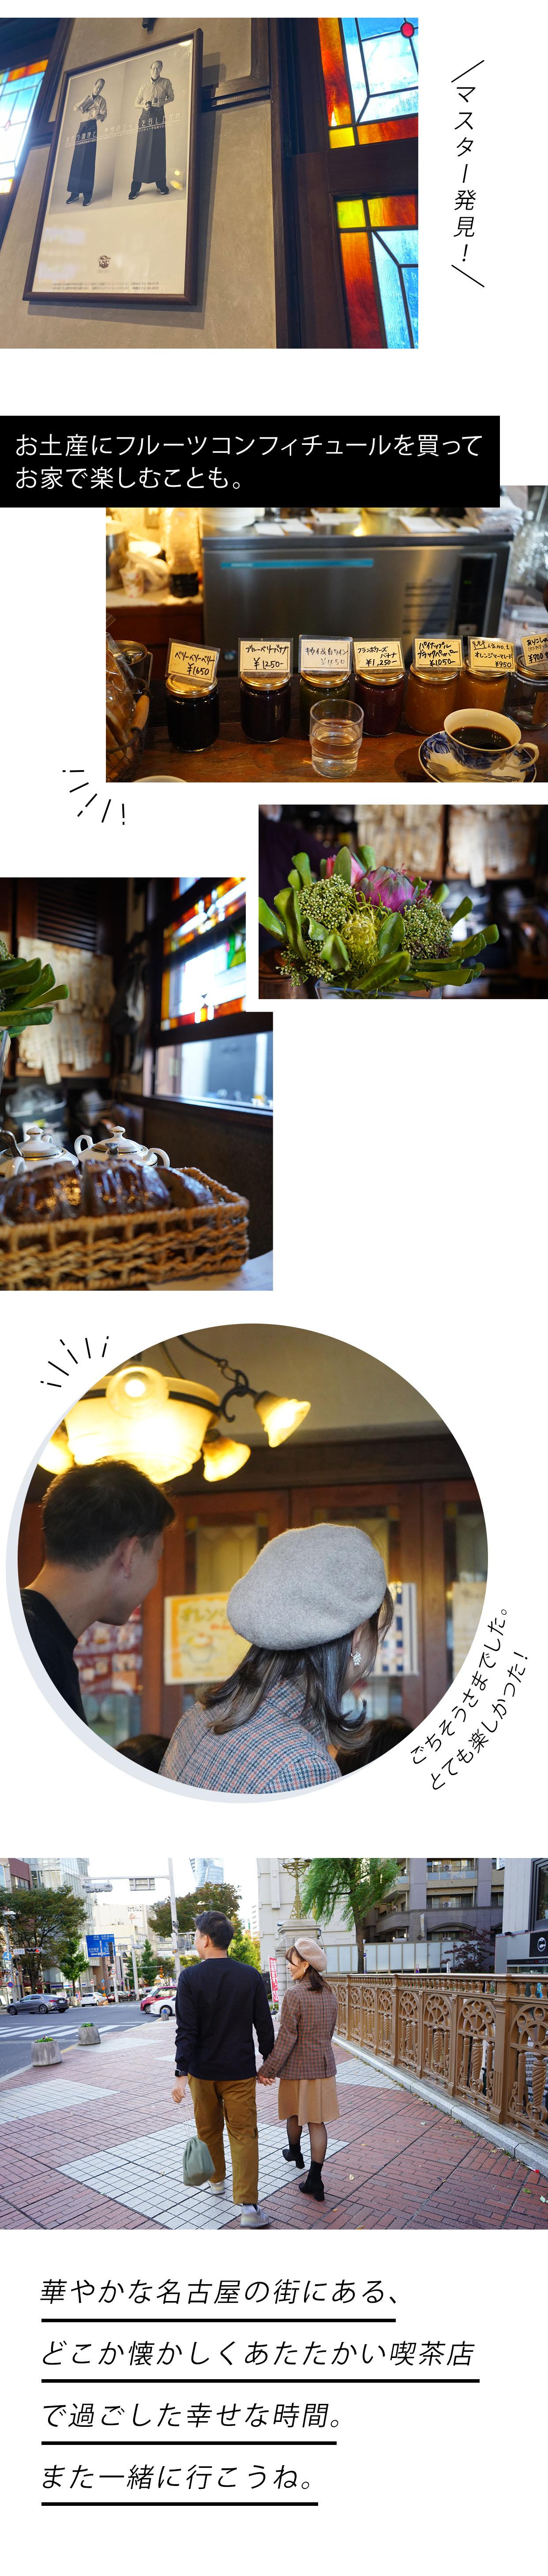 マスター自慢のフルーツコンフィチュールを味わって。「コーヒーハウスかこ花車本店」で過ごす休日。 - 2FDAA972 C154 4E1E B0D0 96F43B91CF6A